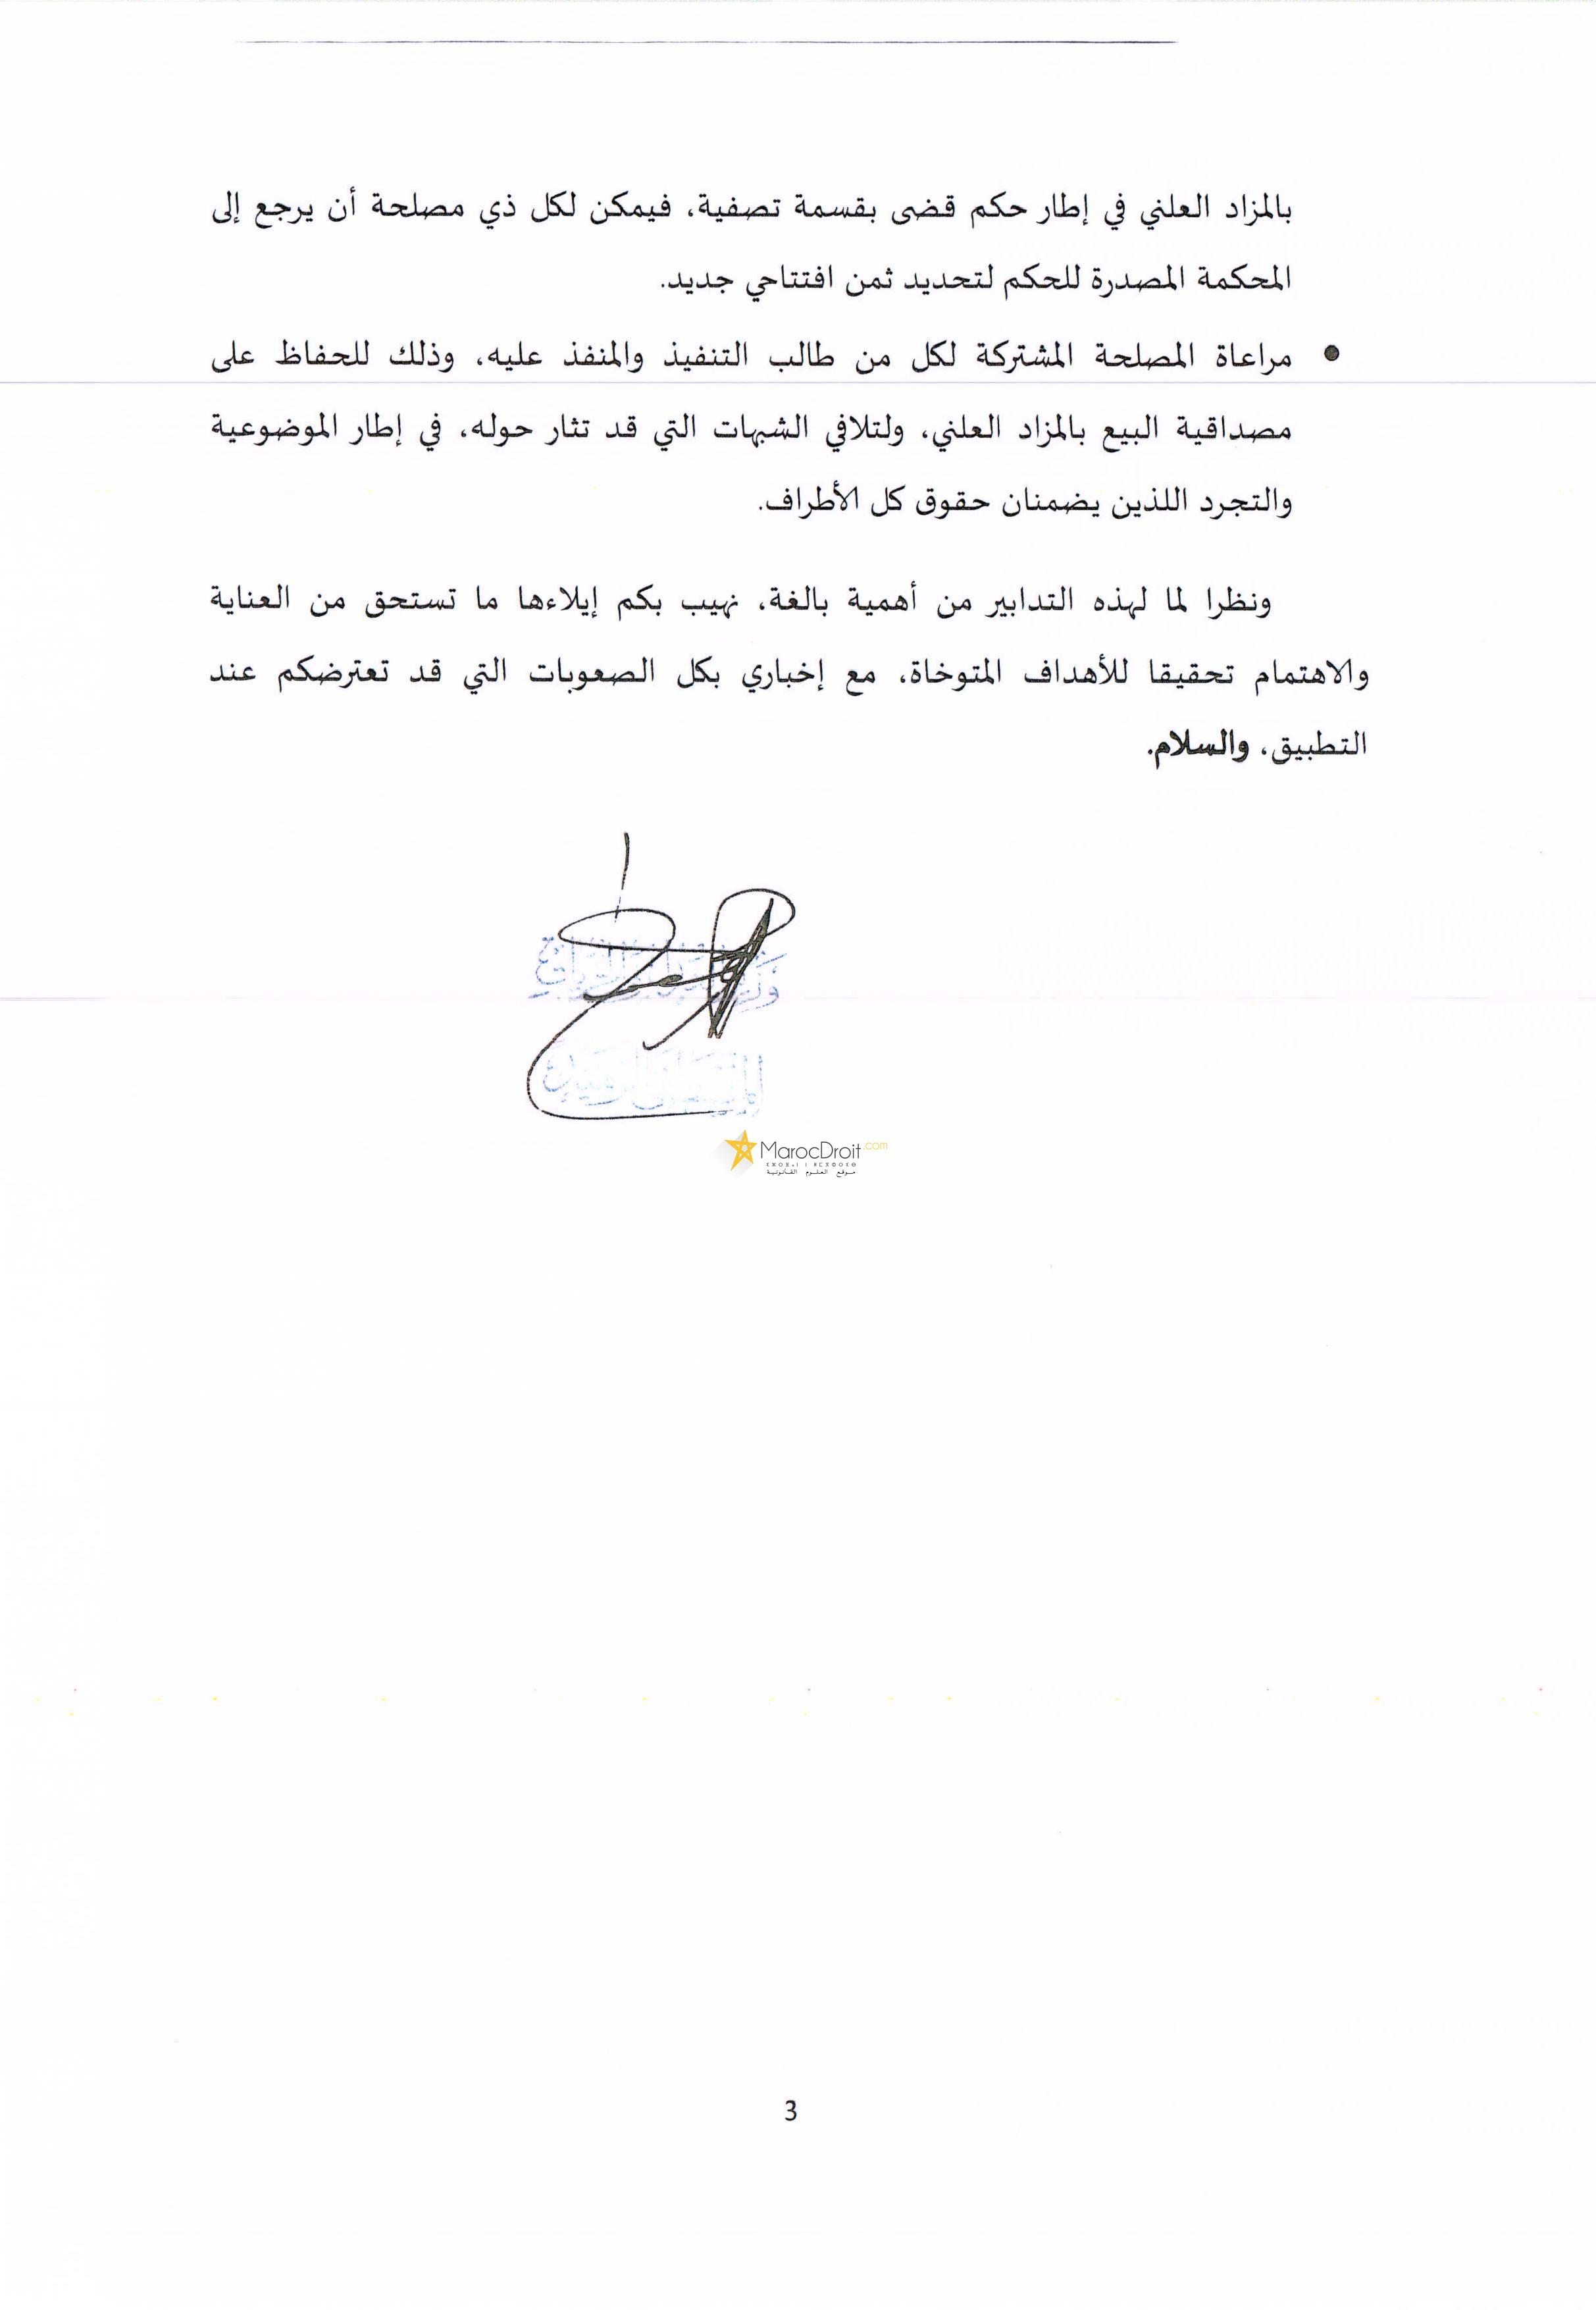 المنشور الصادر عن وزير العدل والحريات بتاريخ 17 يناير 2017 المتعلق بمسطرة البيع بالمزاد العلني